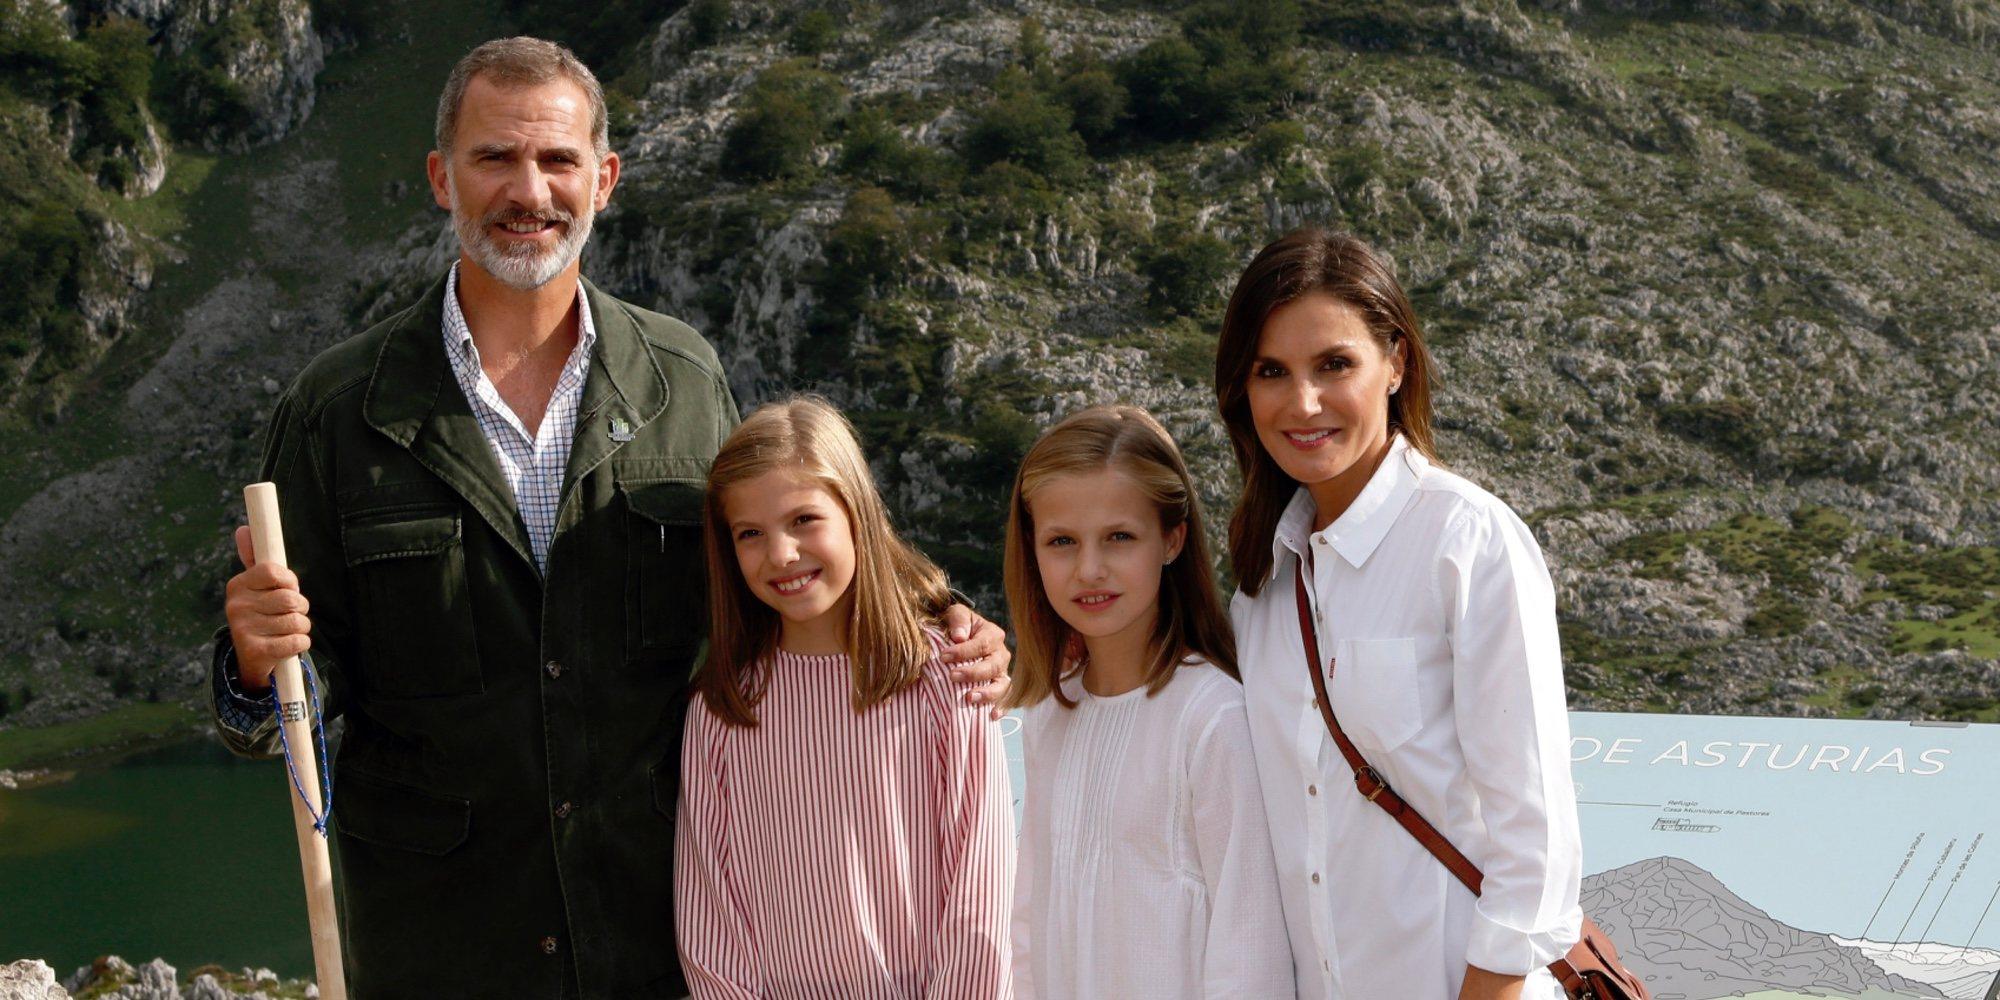 Los Reyes Felipe y Letizia y sus hijas Leonor y Sofía felicitan la Navidad 2018 desde los Lagos de Covadonga